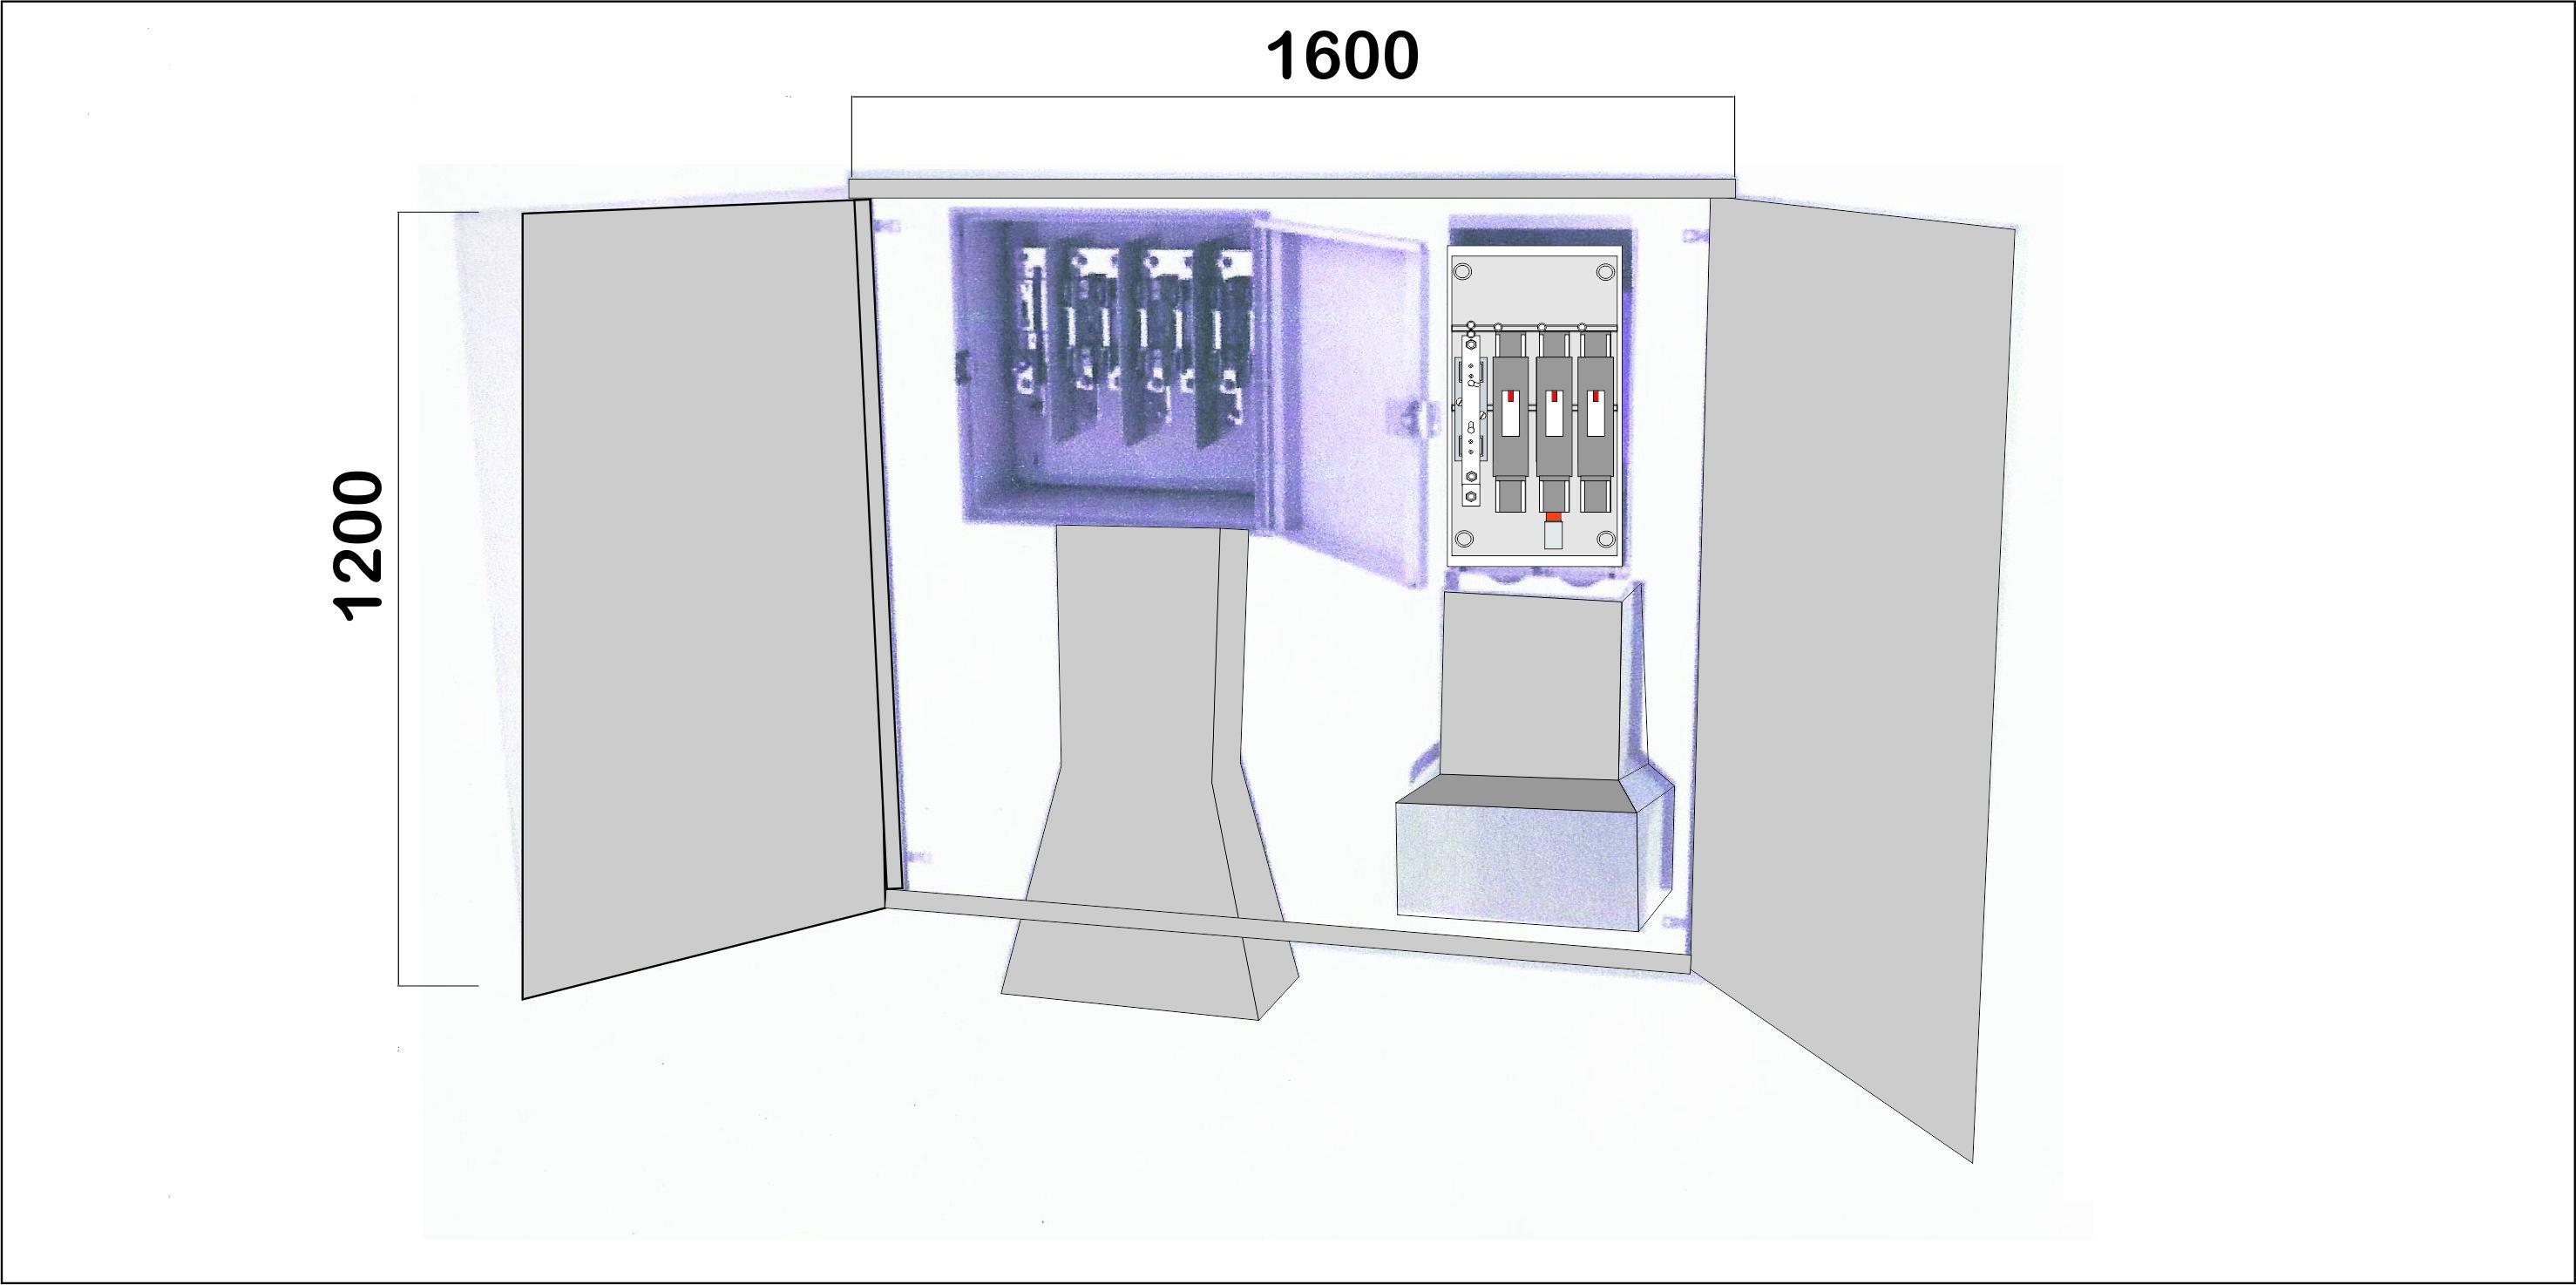 Na02062 puertas met licas para empotrar en pared nichos for Oficina fecsa endesa